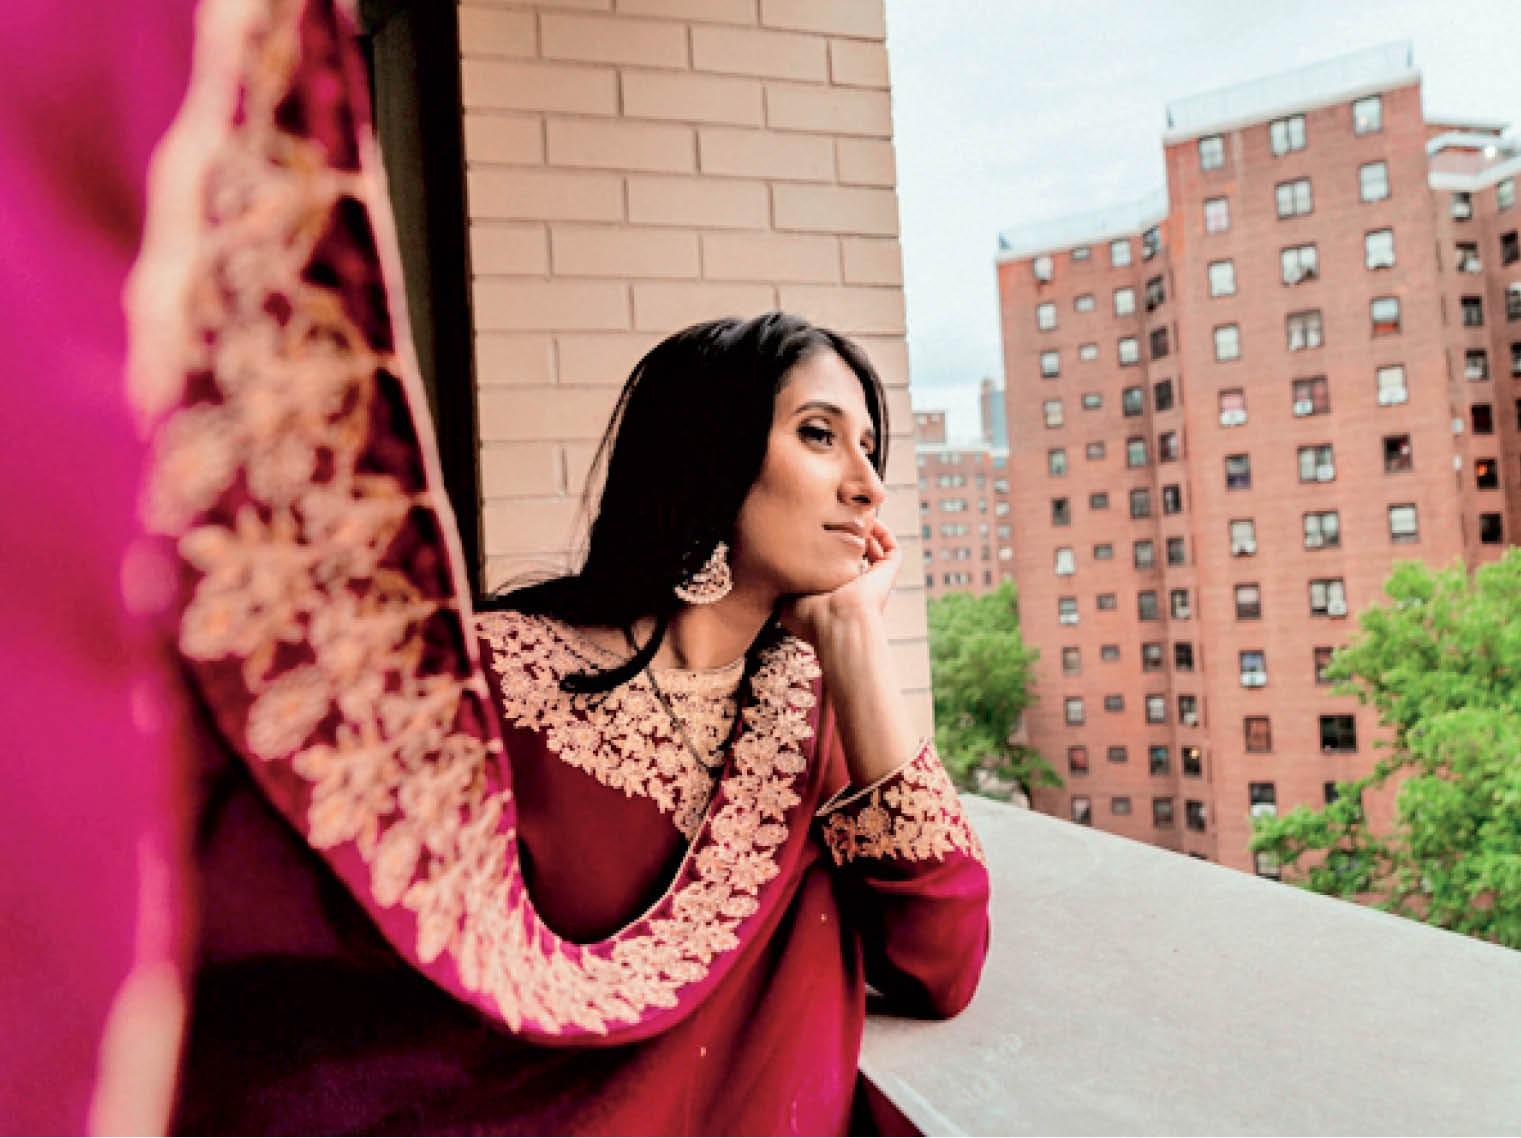 अमेरिका में भारतवंशी महिला पंडित! ये समानता की पैरोकार, पढ़िए इनकी कहानी|विदेश,International - Dainik Bhaskar